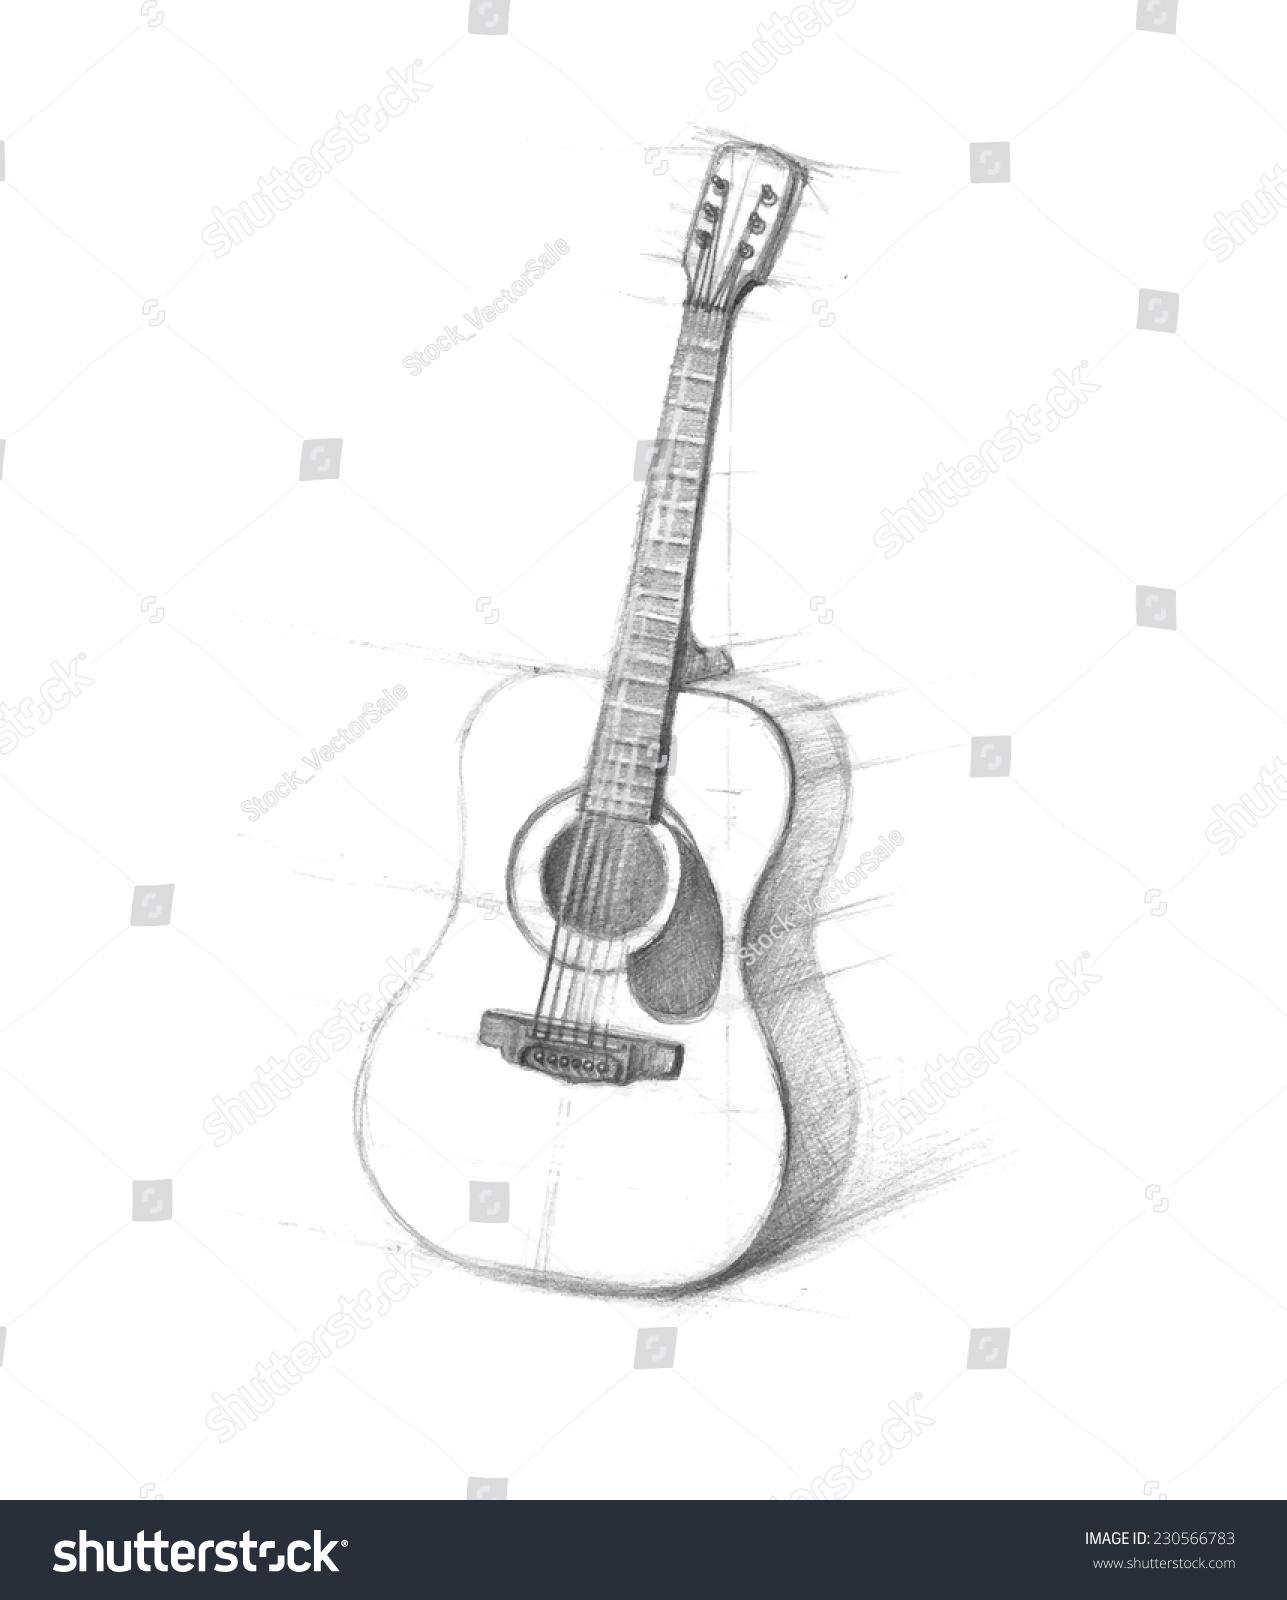 用铅笔画白背景的吉他素描.六弦吉他手画.涂鸦.-艺术